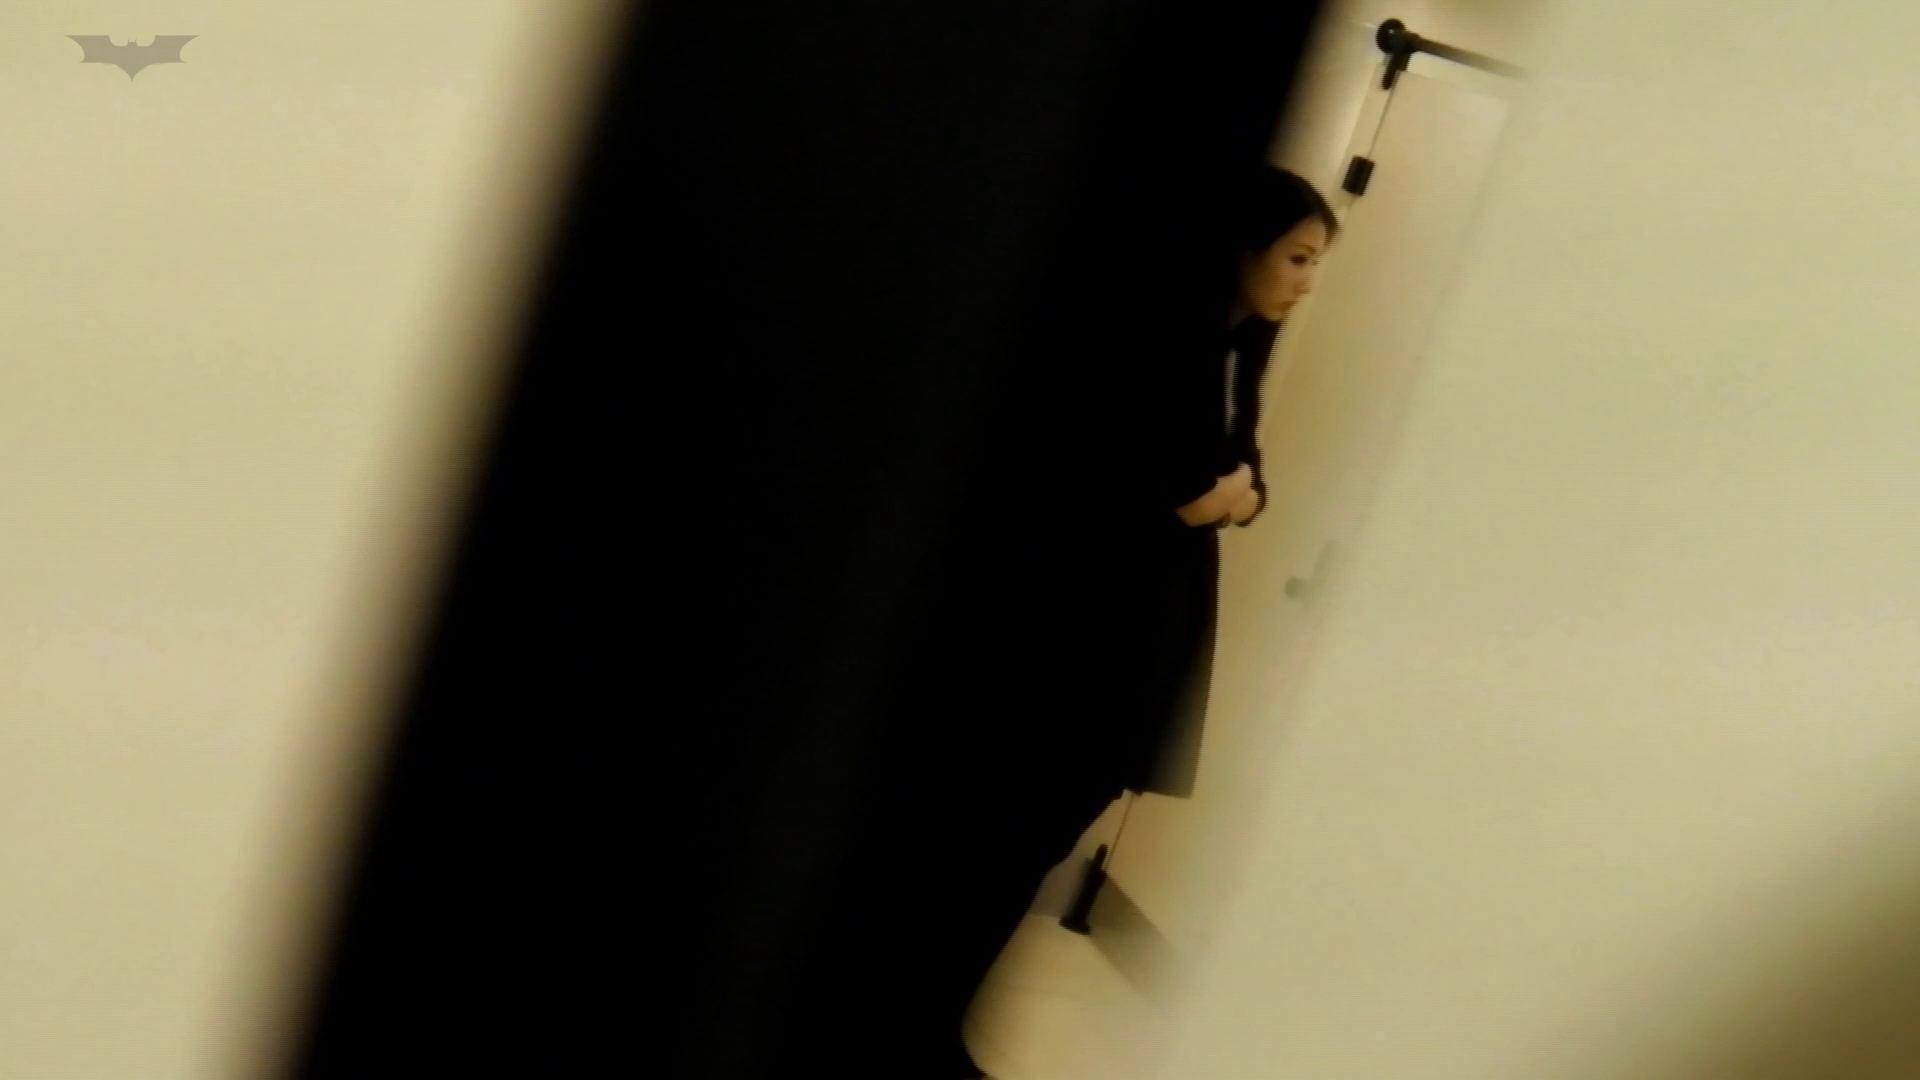 新世界の射窓 No78 トリンドル 玲奈似登場シリーズ美女率最高作! 高画質 AV動画キャプチャ 103画像 88